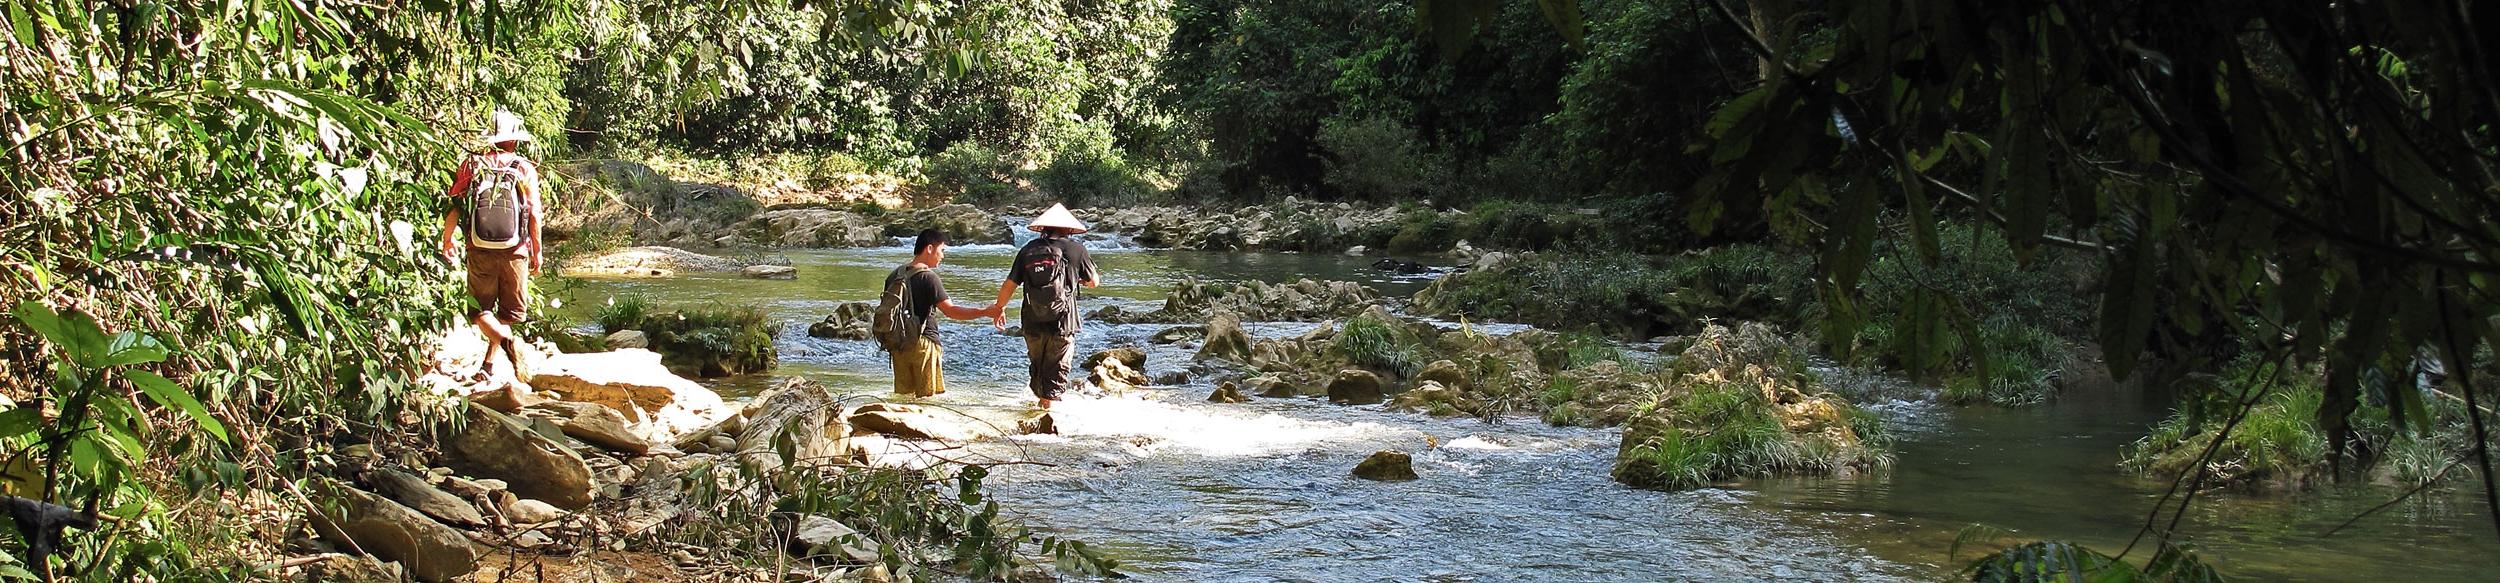 Trek dans la réserve de Ngoc Son Ngo Luong